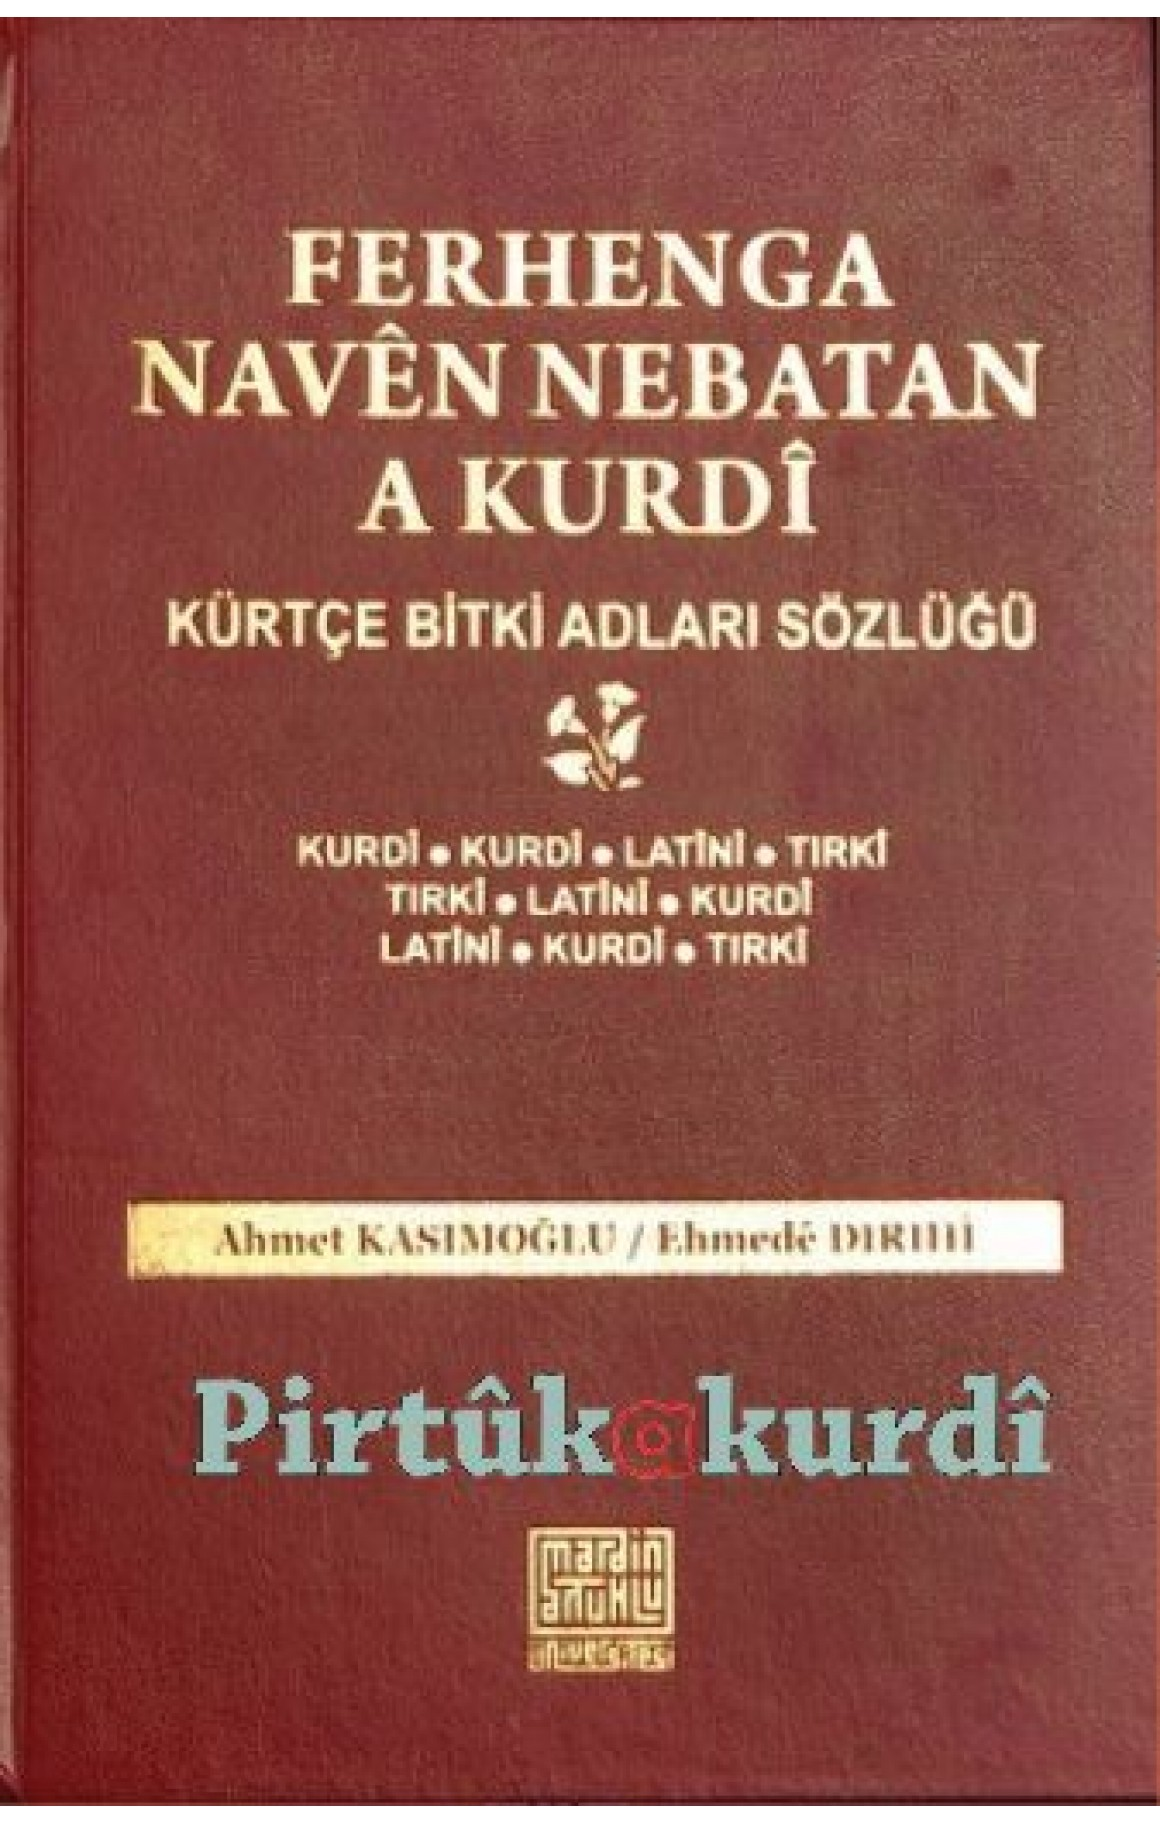 Ferhenga Navên Nebatan - Kürtçe Bitki Adları Sözlüğü